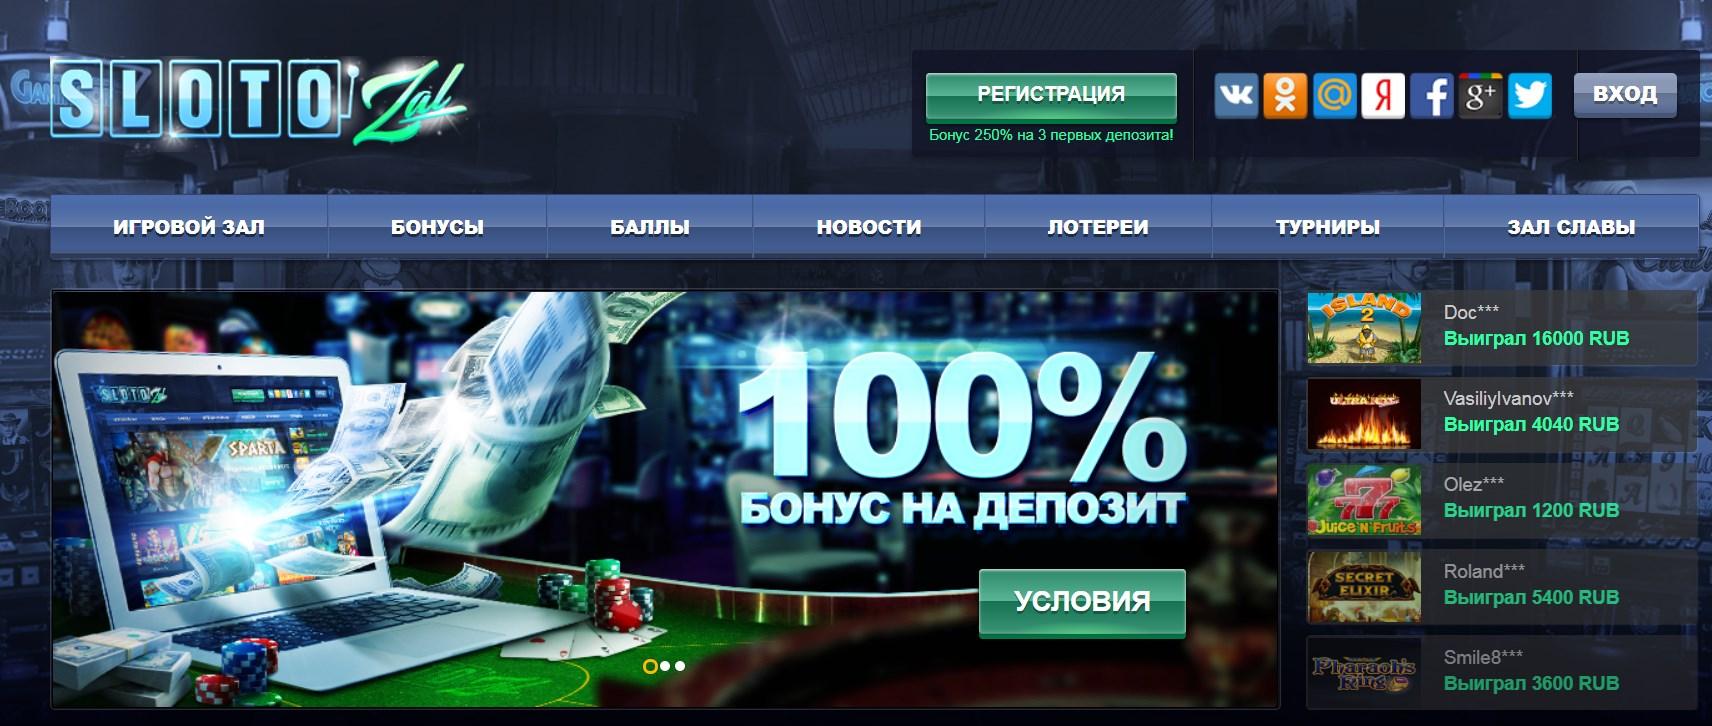 Слотозал - Официальный сайт